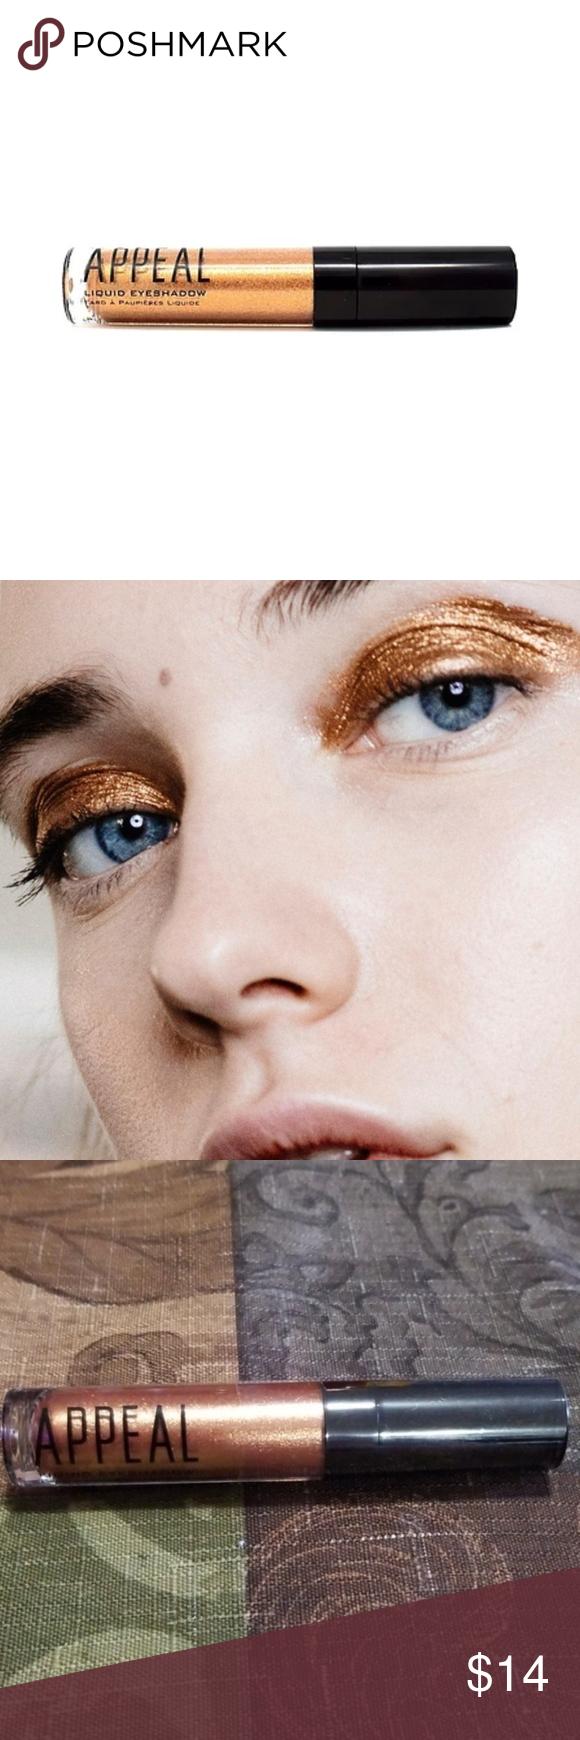 Appeal Rose Gold Liquid Eyeshadow NWT Liquid eyeshadow